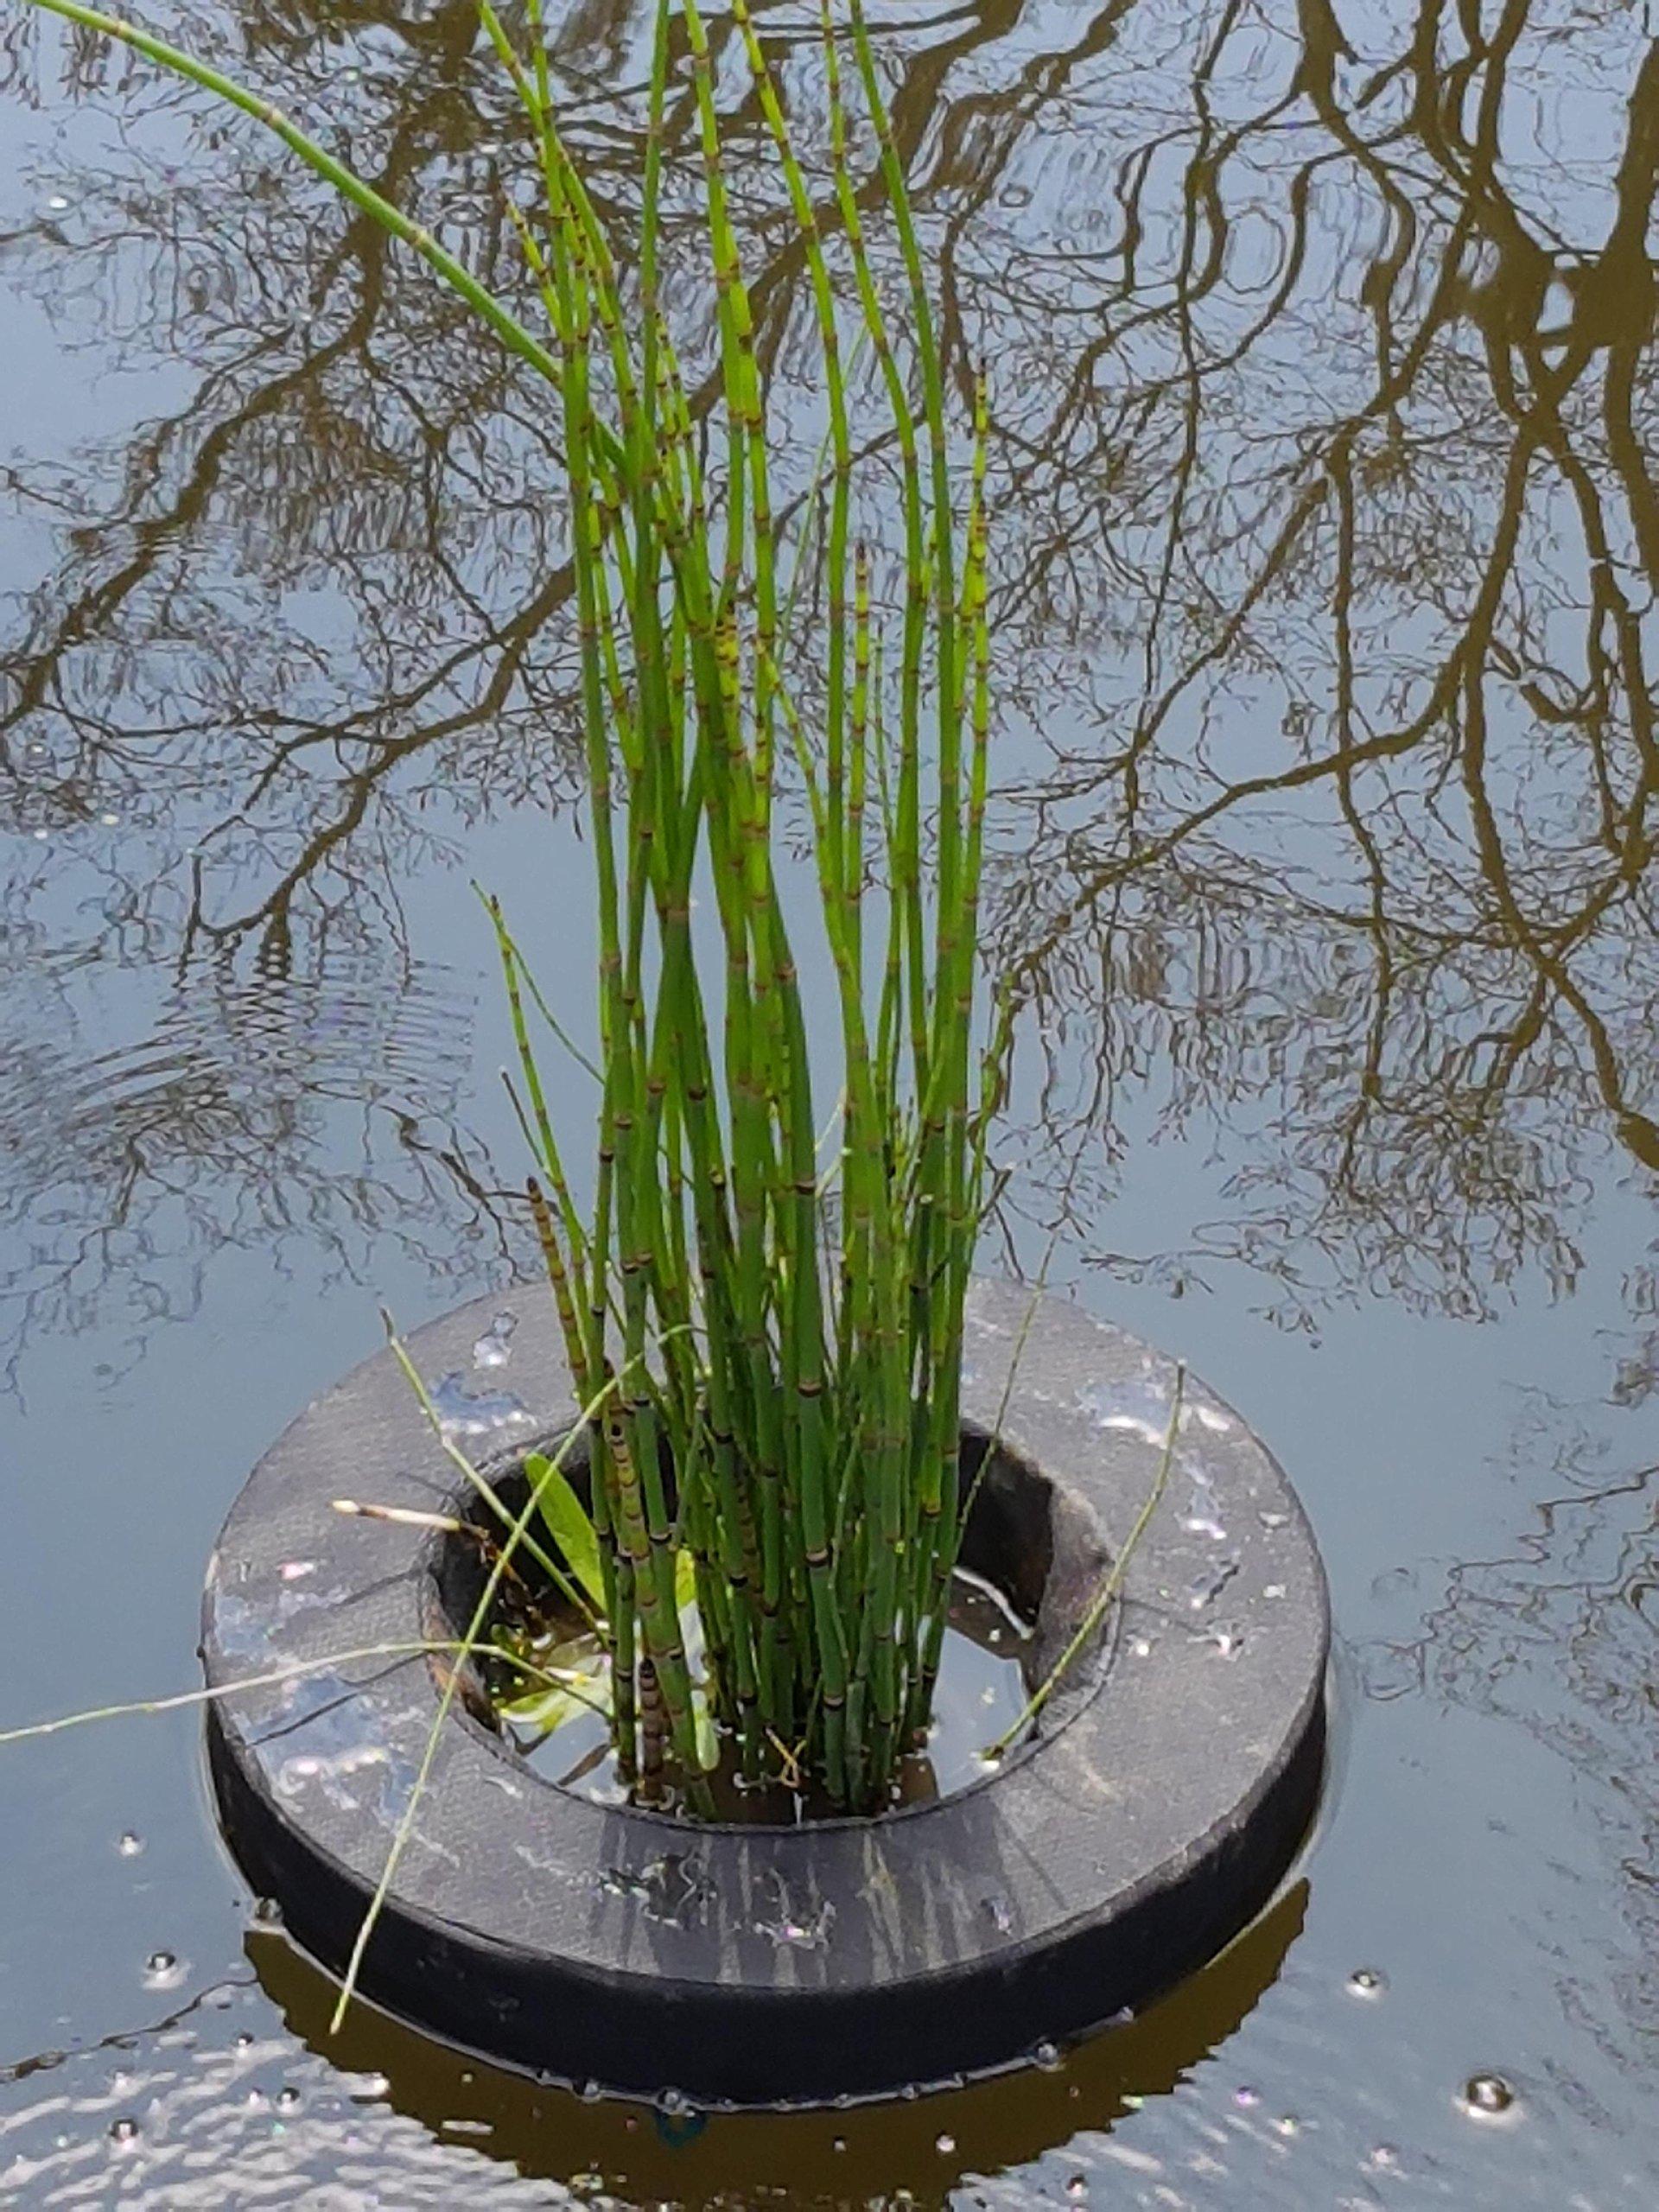 Velda Floating Fabric Pond Plant Basket, Round 14 Inch (36cm), Floating Pond Island